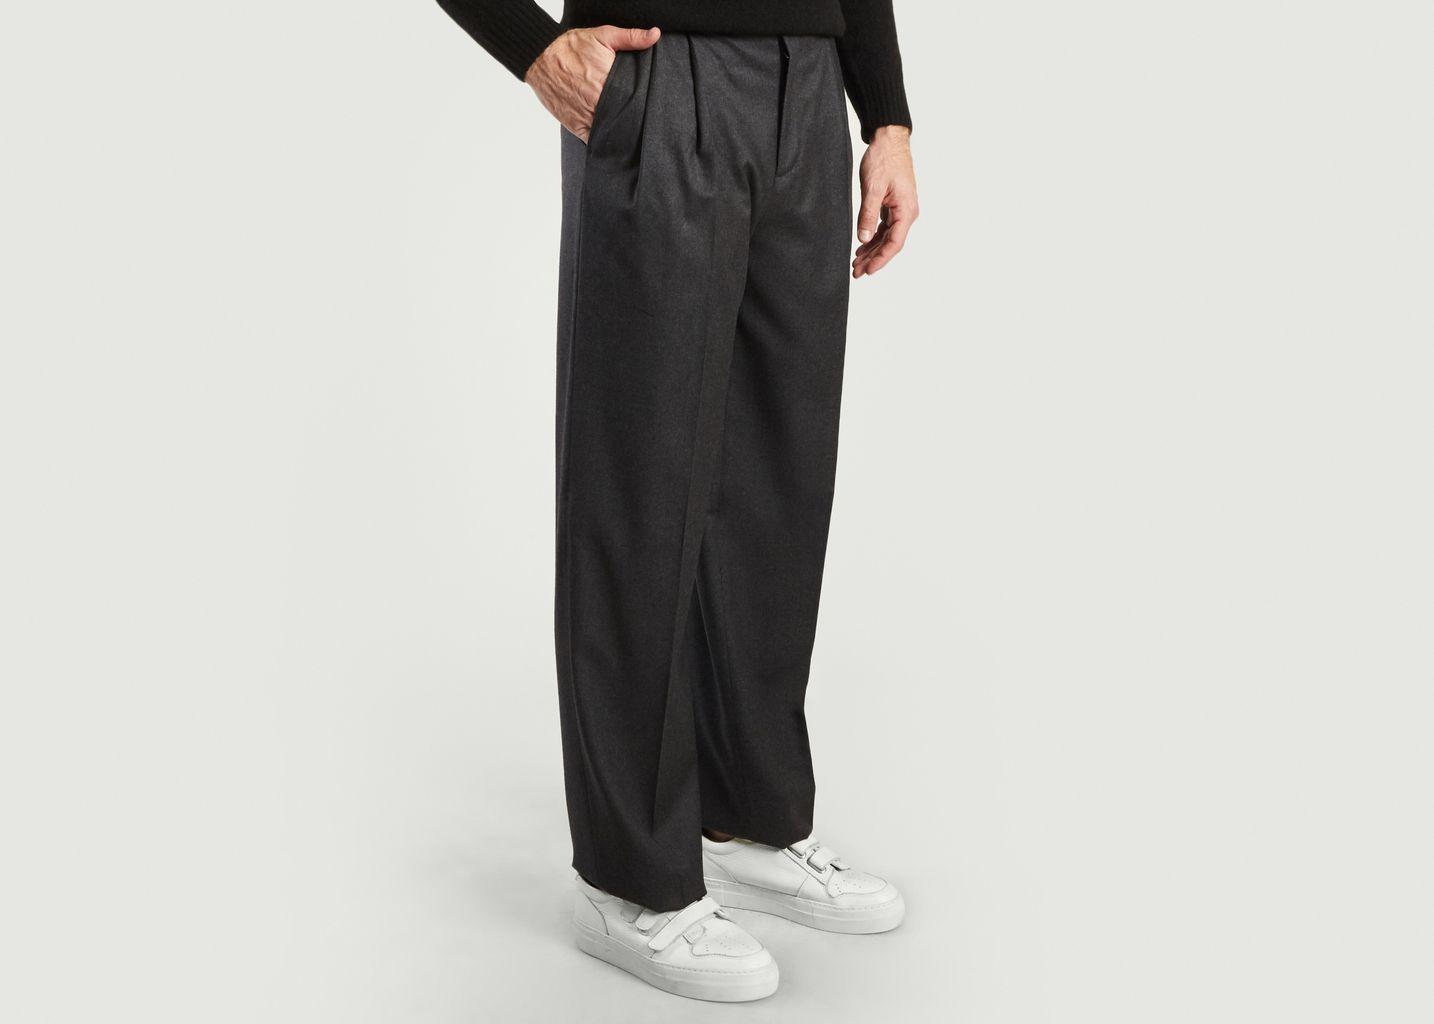 Pantalon Paul Taille Haute Ceinturé - Editions M.R